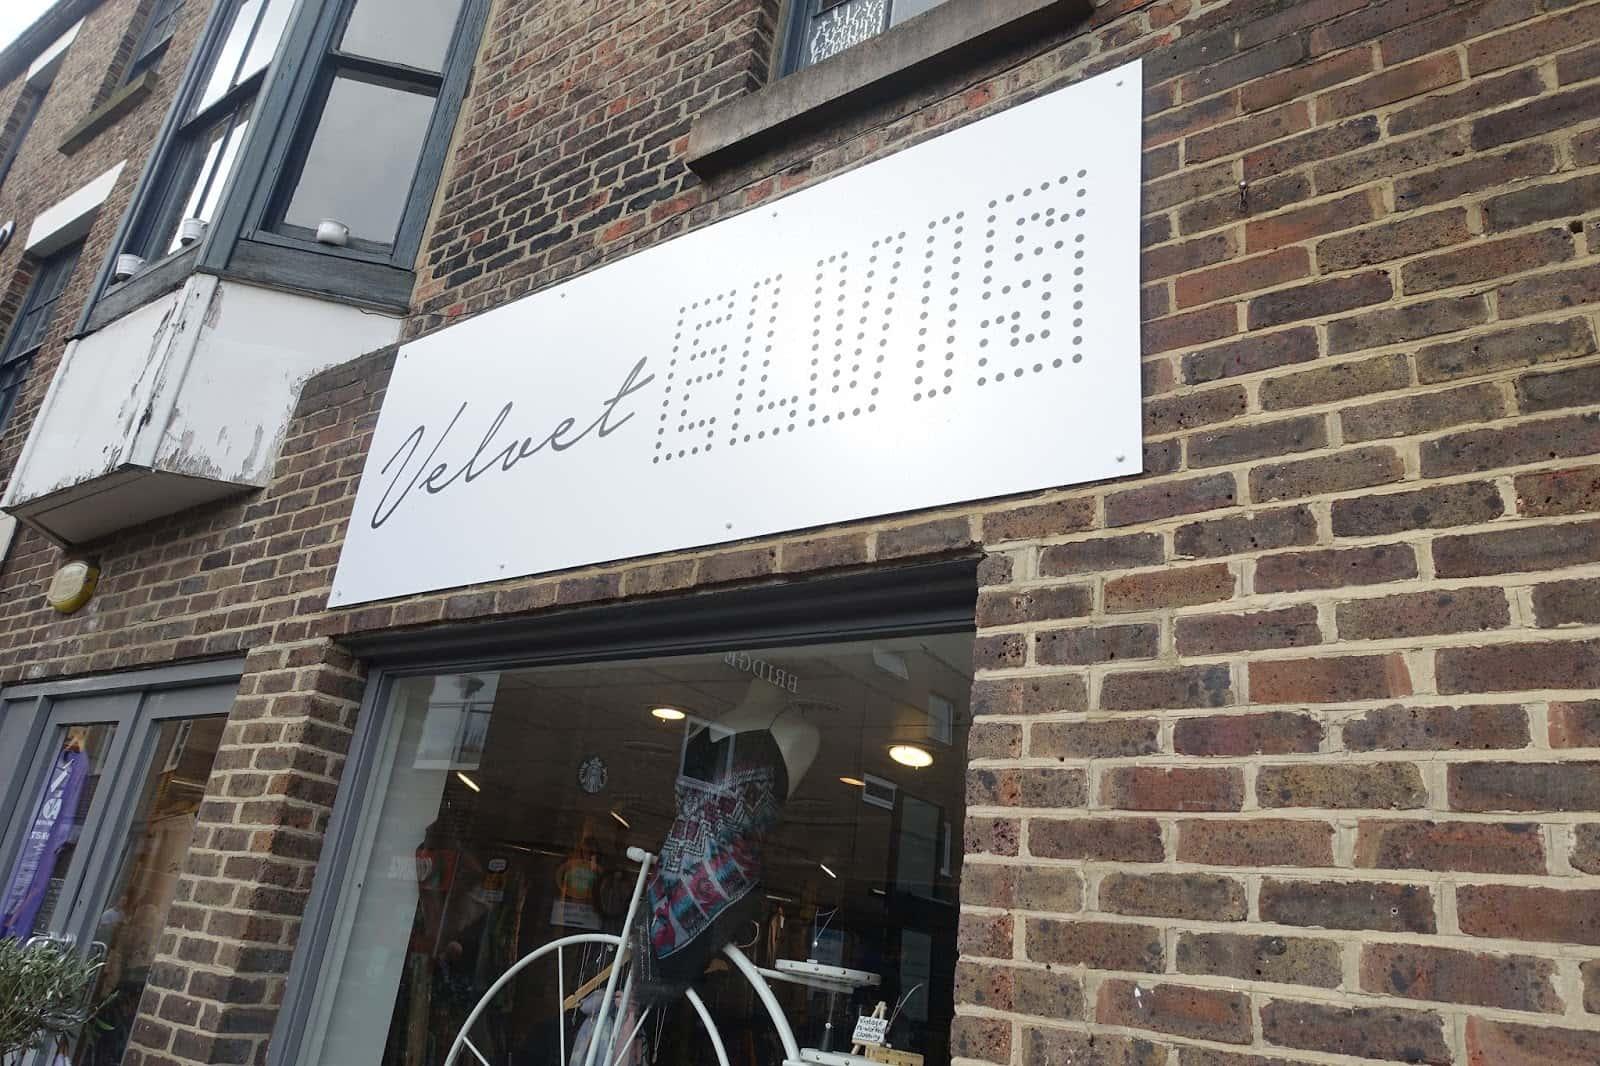 Velvet Elvis shop